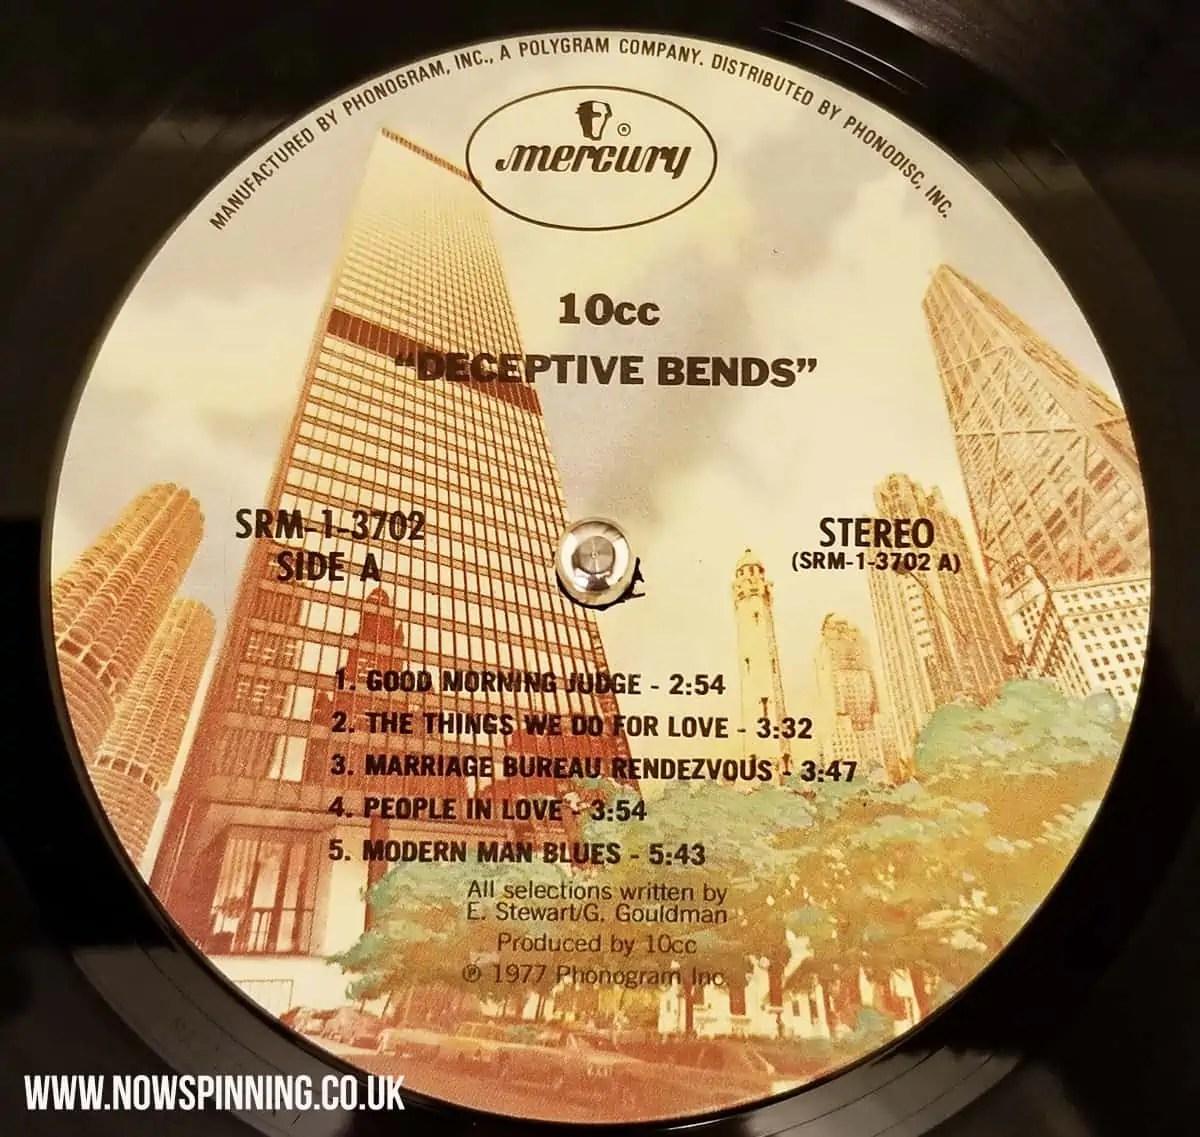 10cc Deceptive Bends vinyl mercury records